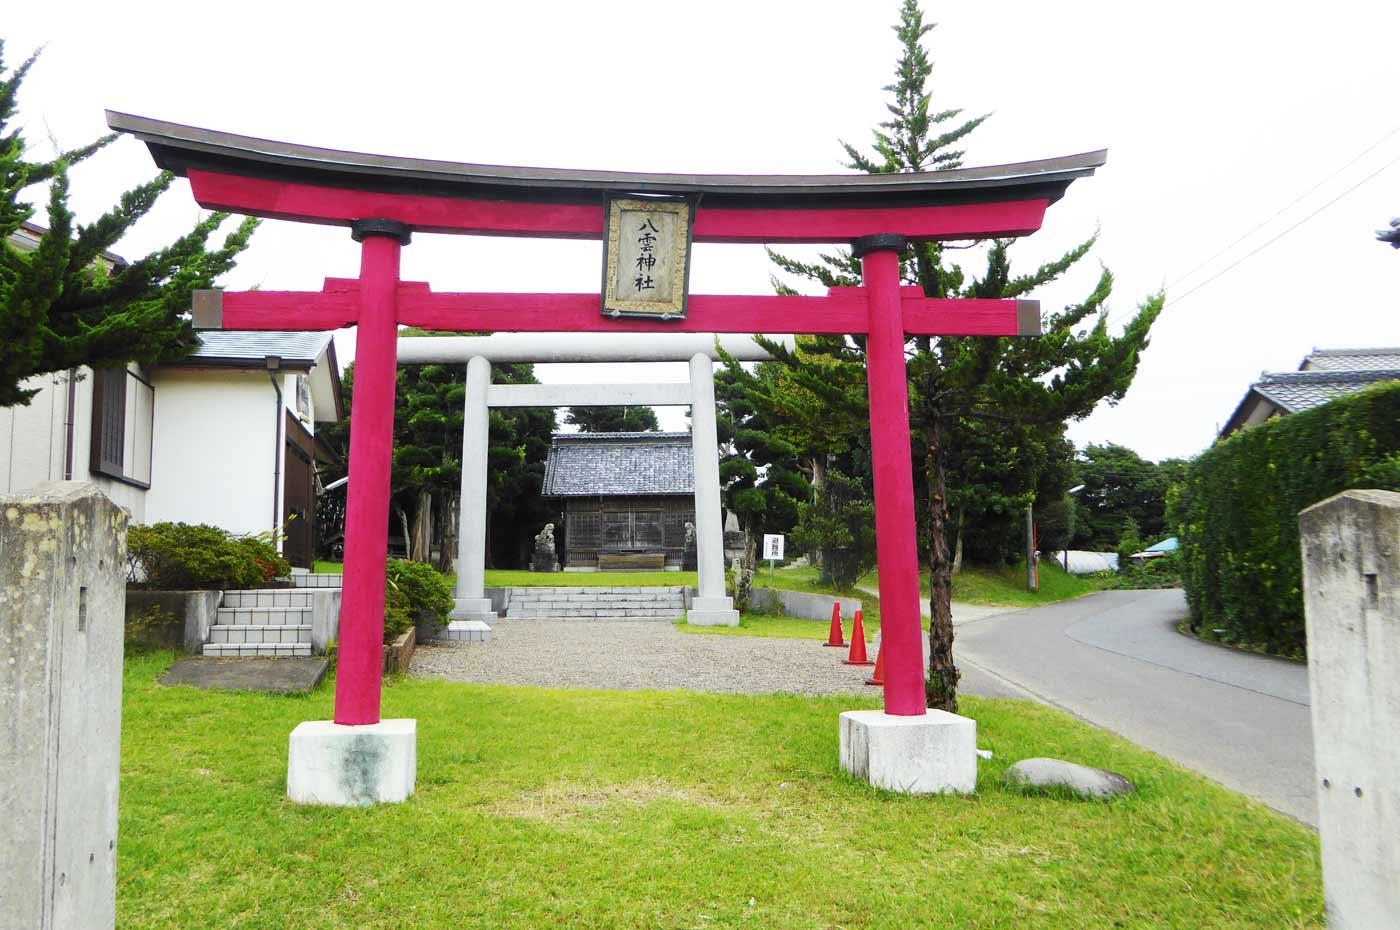 八雲神社の境内の画像